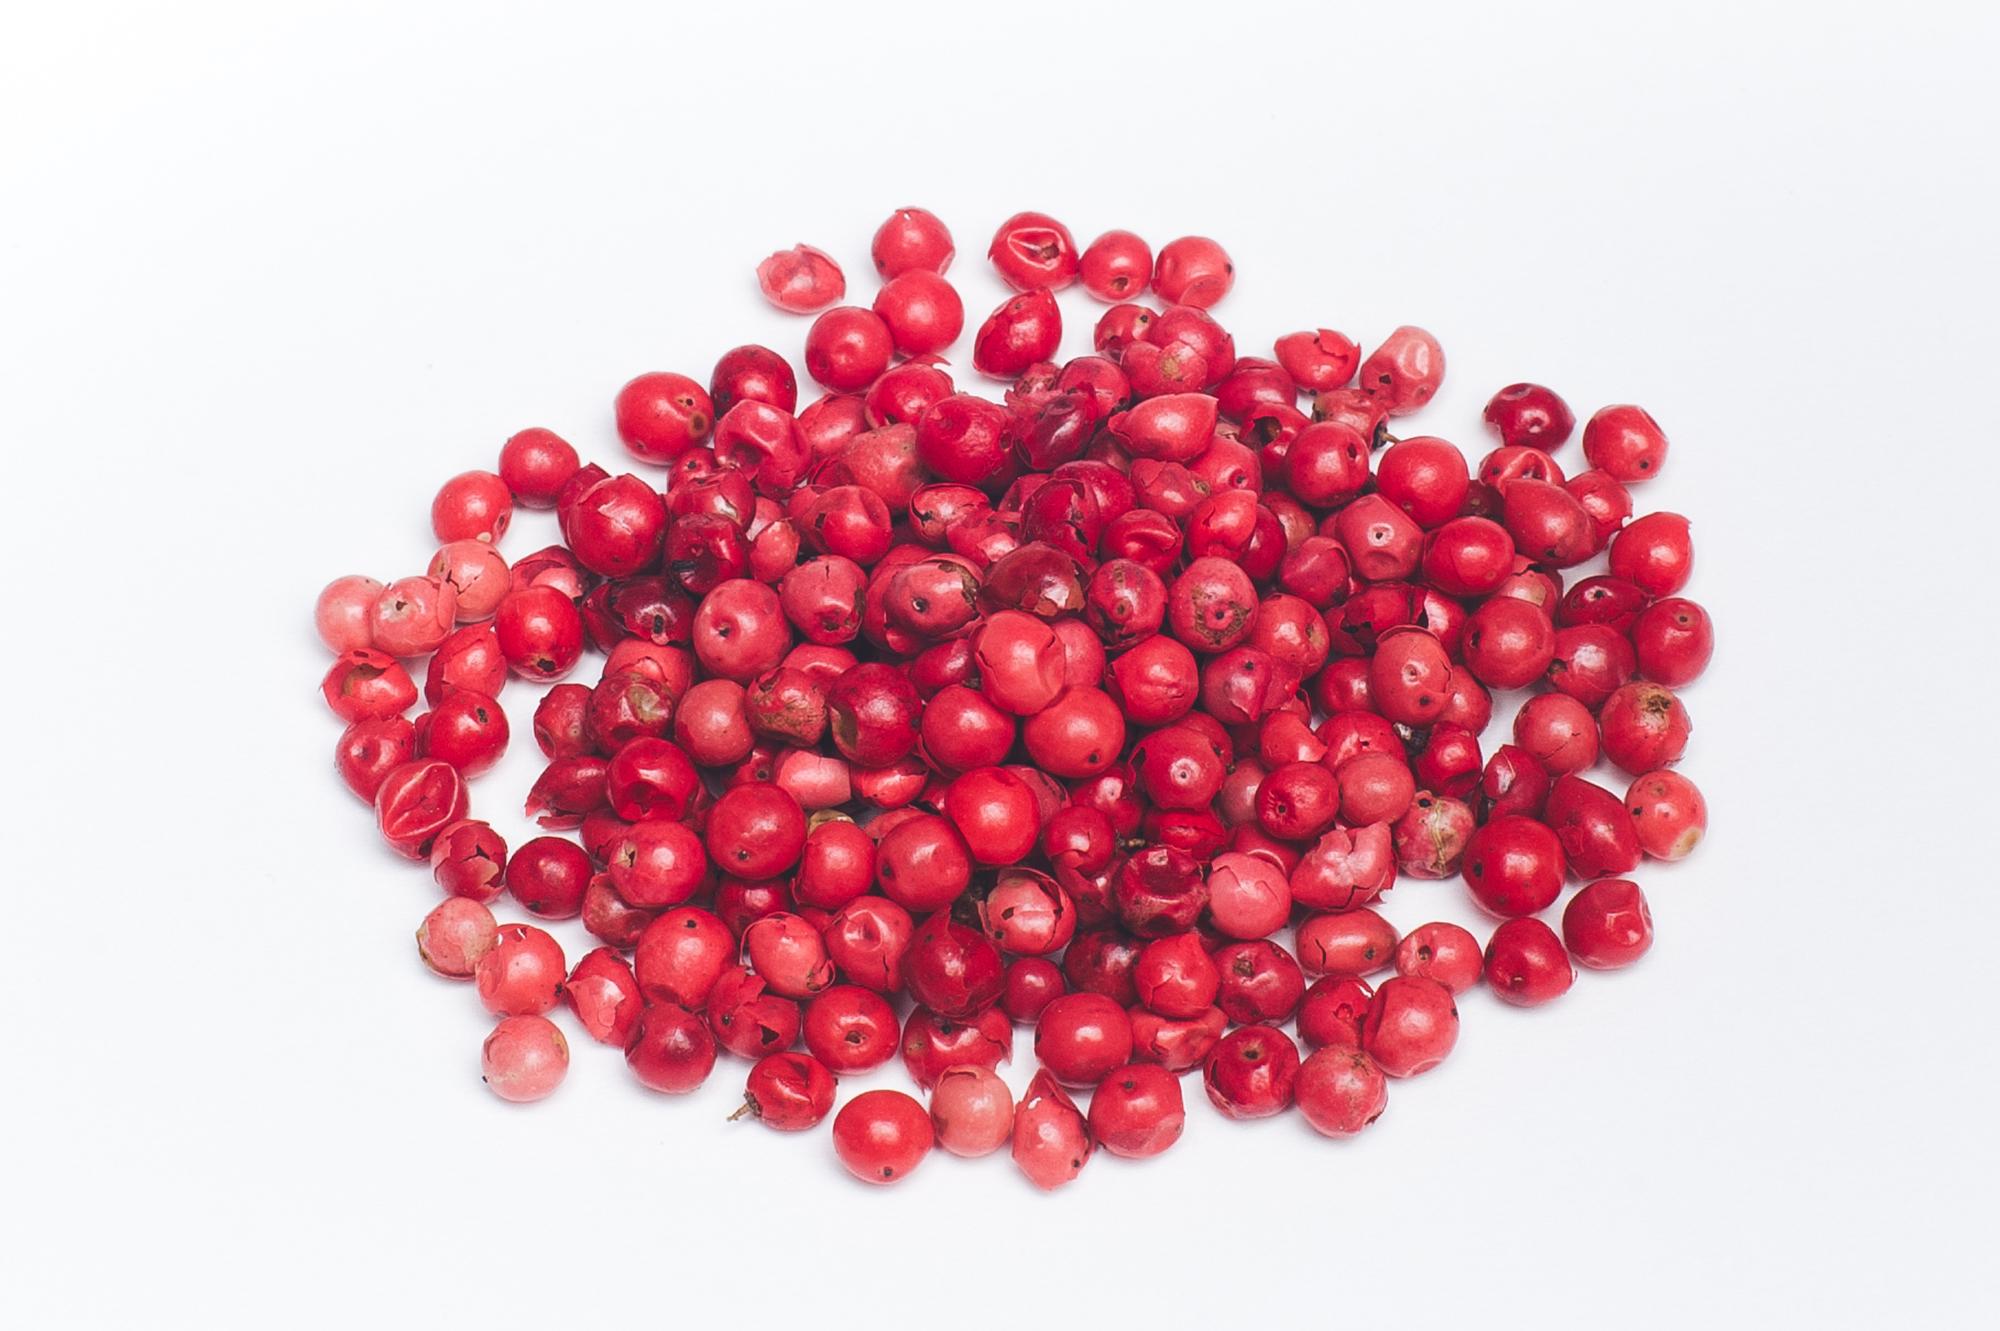 стремительно красный перец горошком фото всего сердца желаем